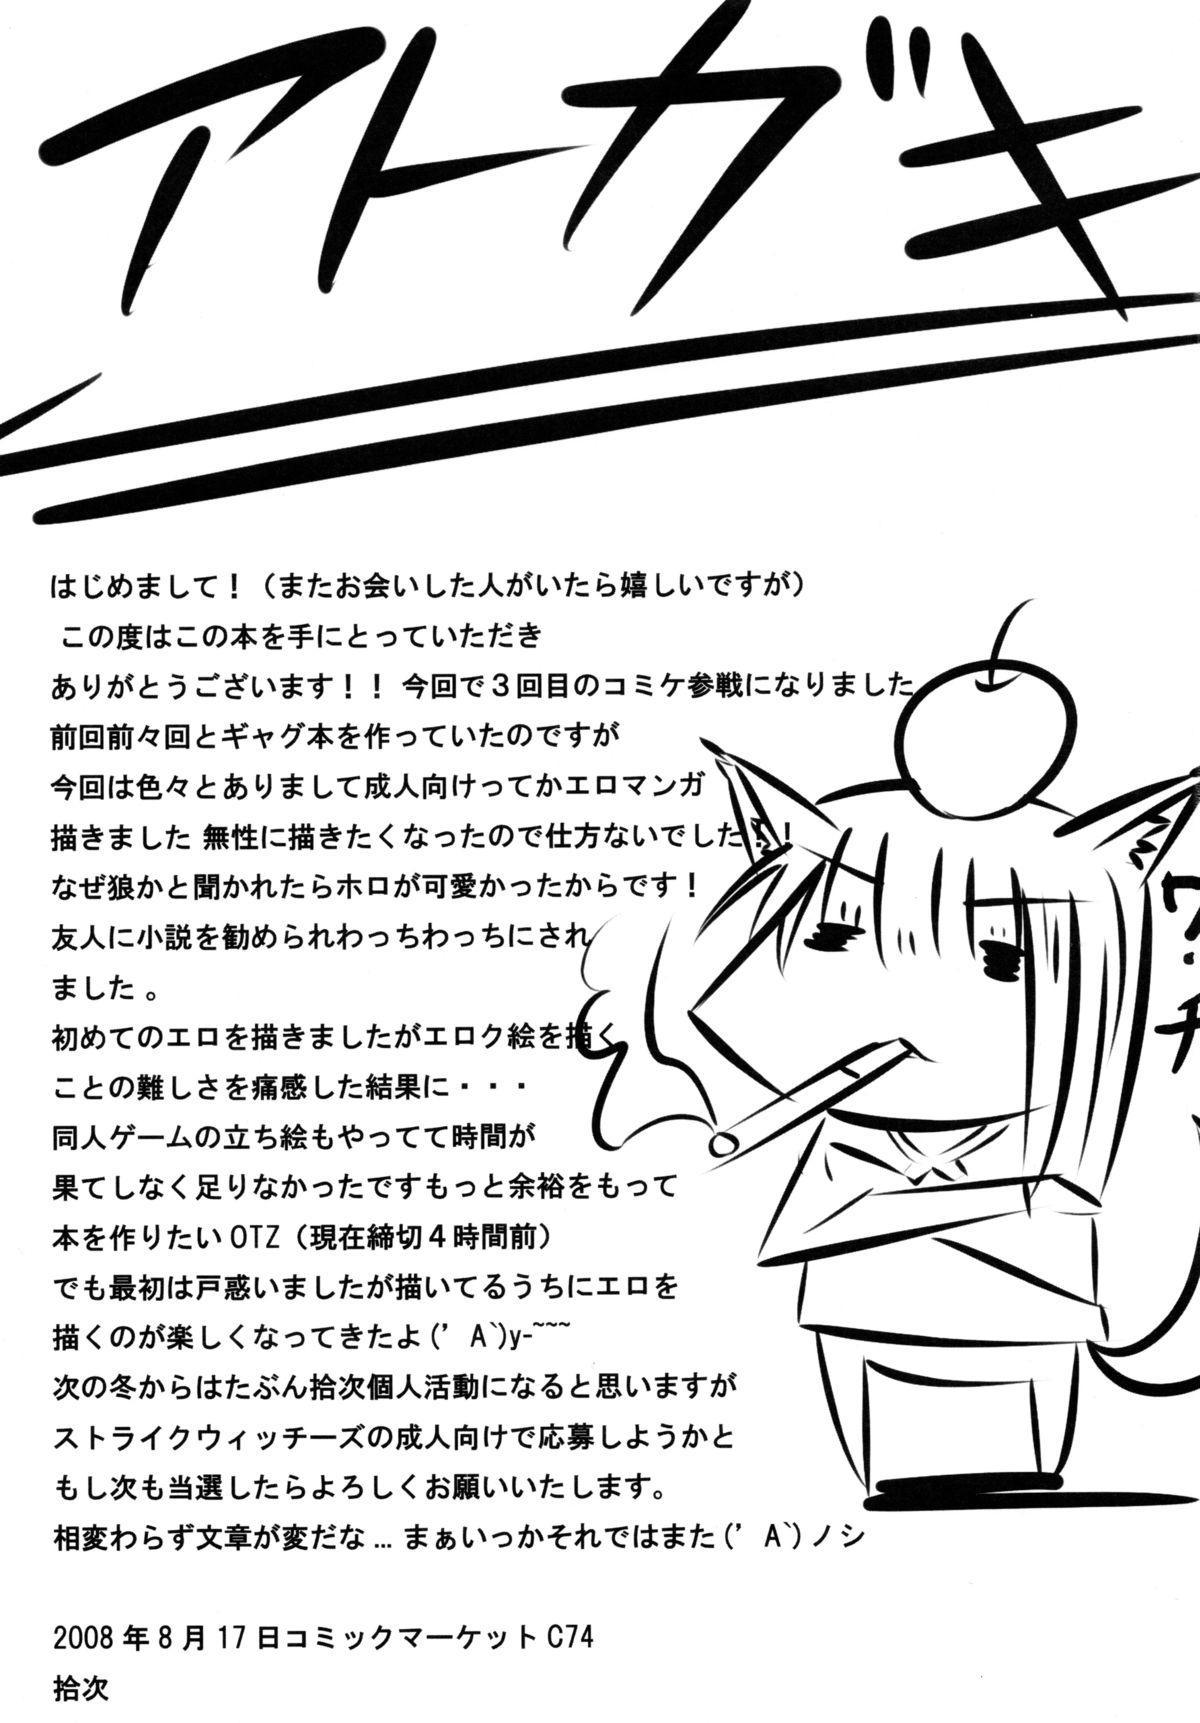 Ookamito Koushinryou IIKB 30